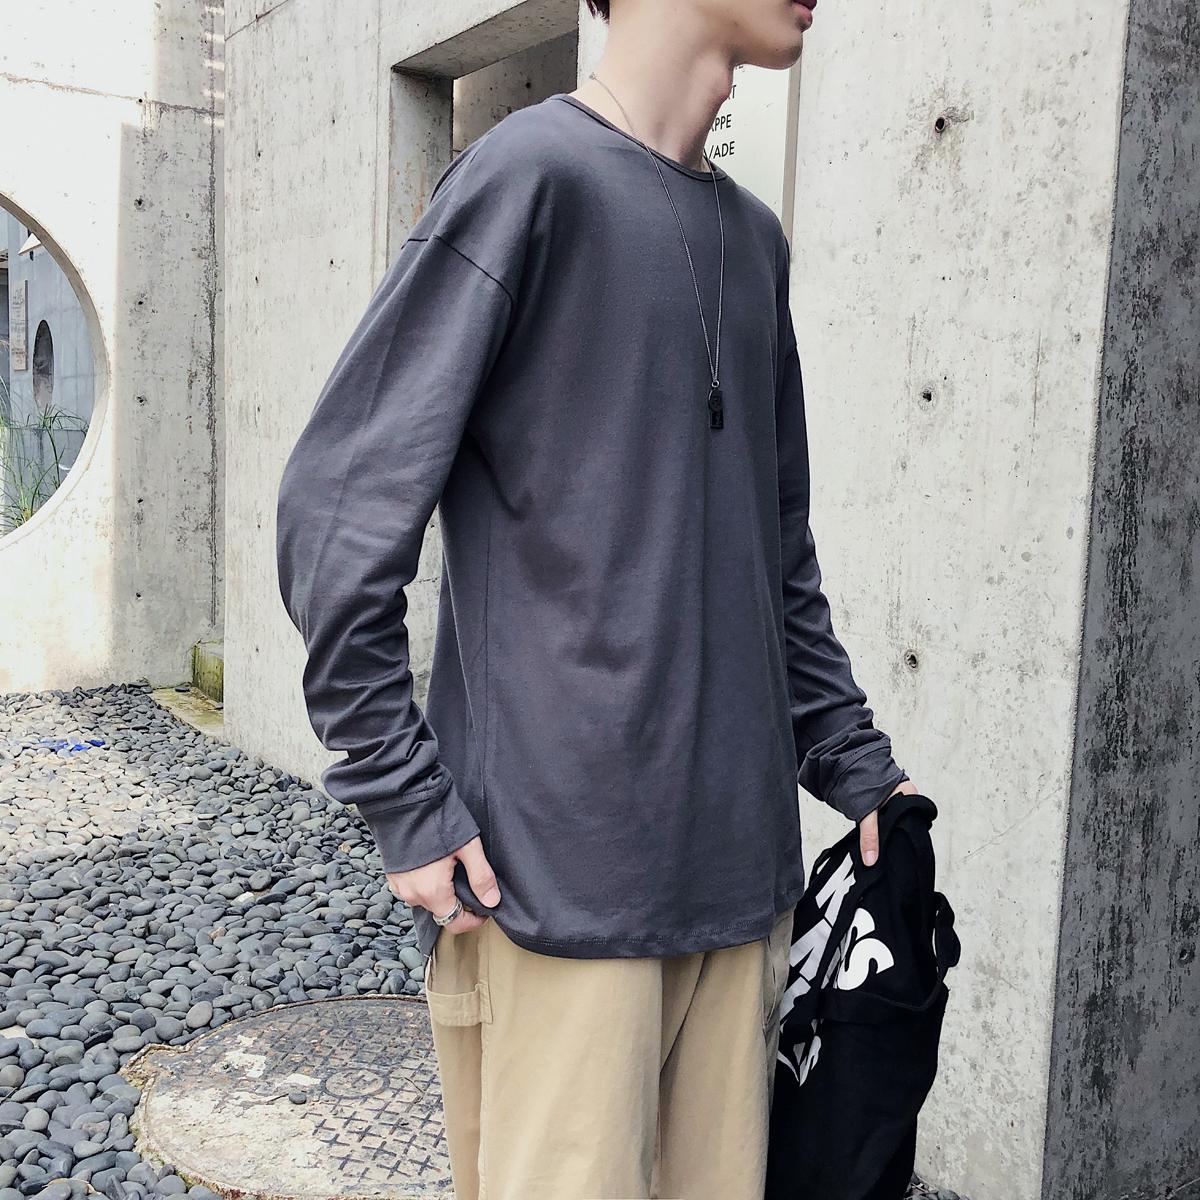 秋季港风情侣潮男韩版宽松纯色圆领卫衣外套长袖T恤W8002AP45控59